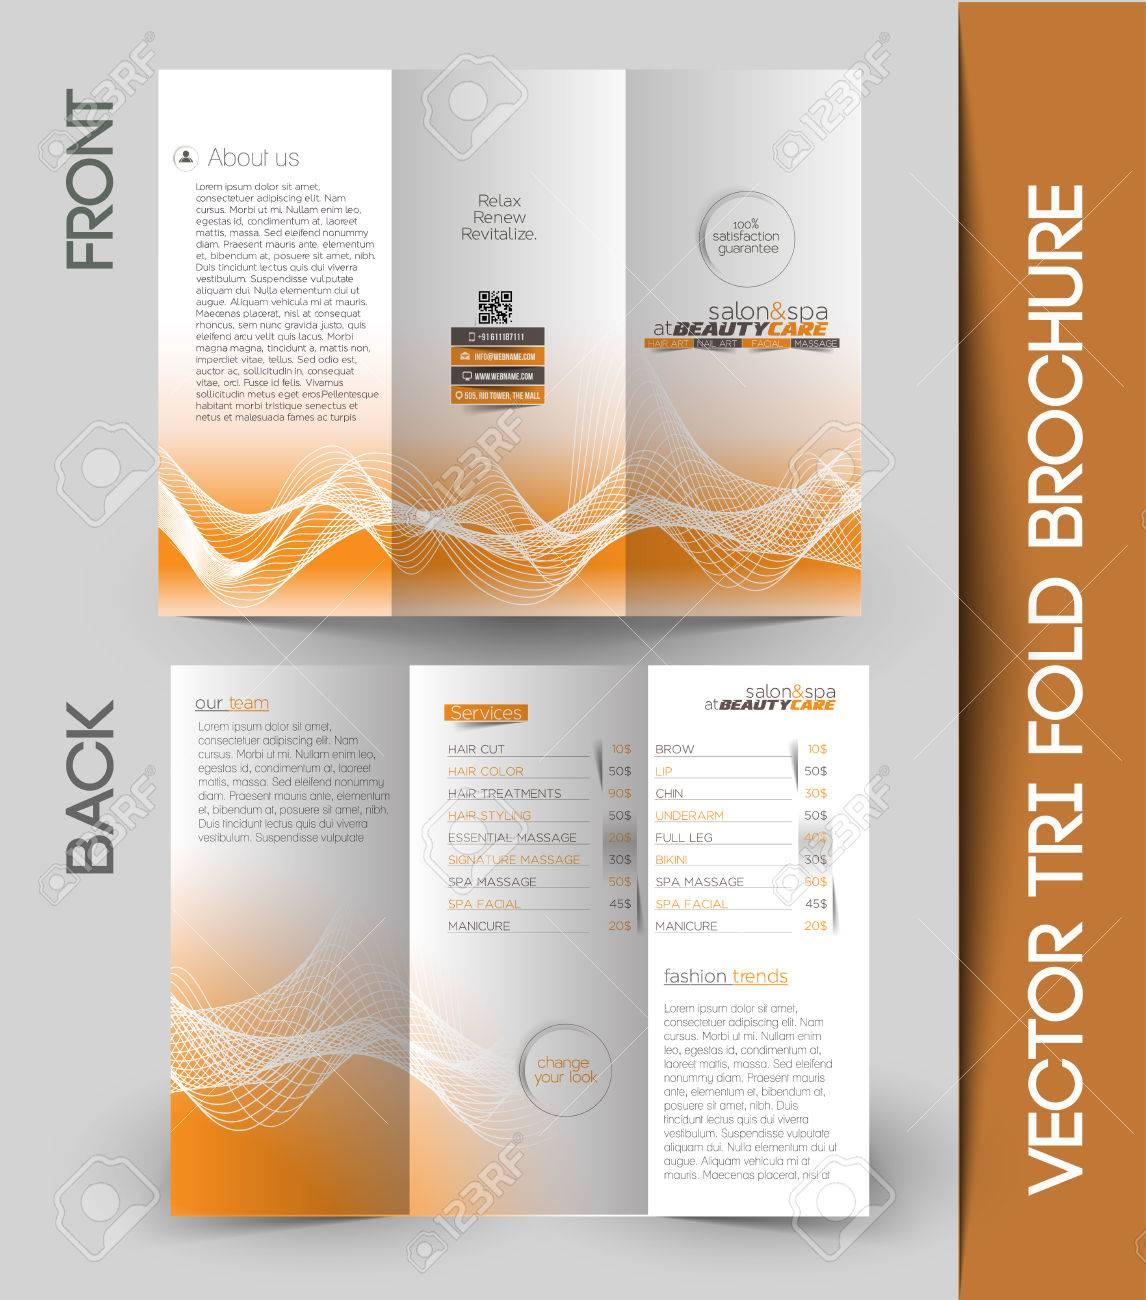 Corporate Business Tri-Fold Mock up & Brochure Design - 41833158